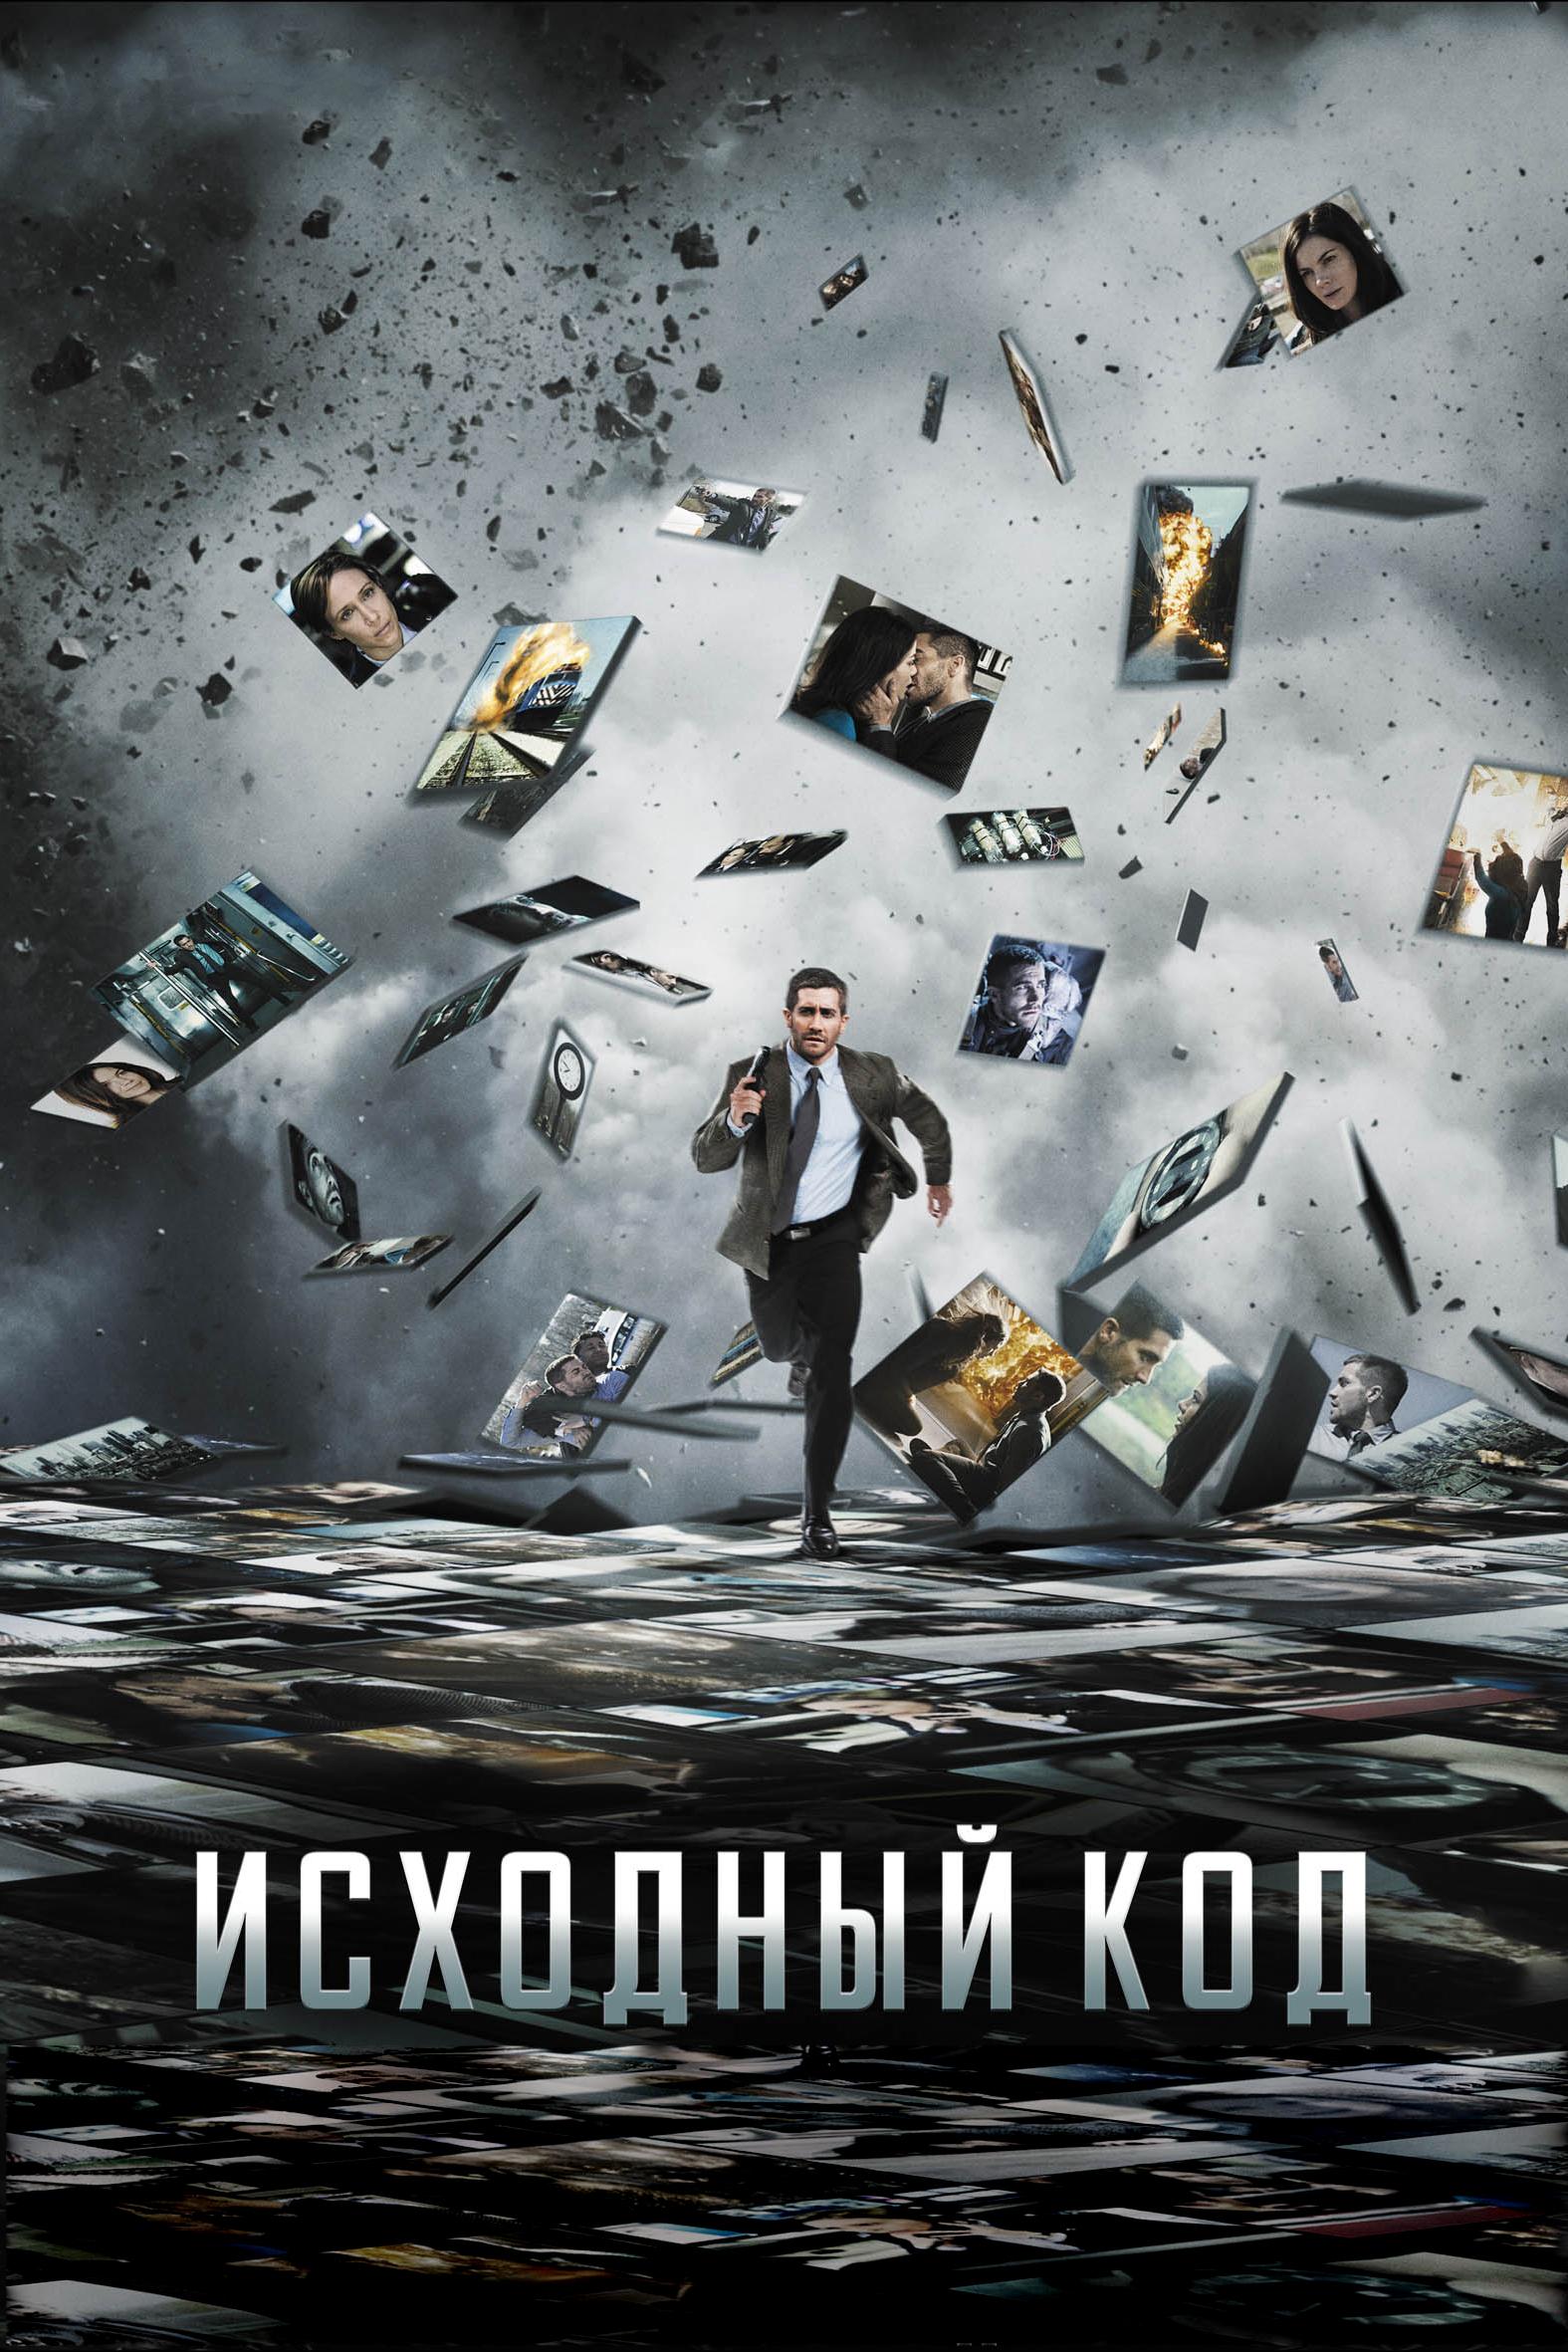 Исходный код (фильм)